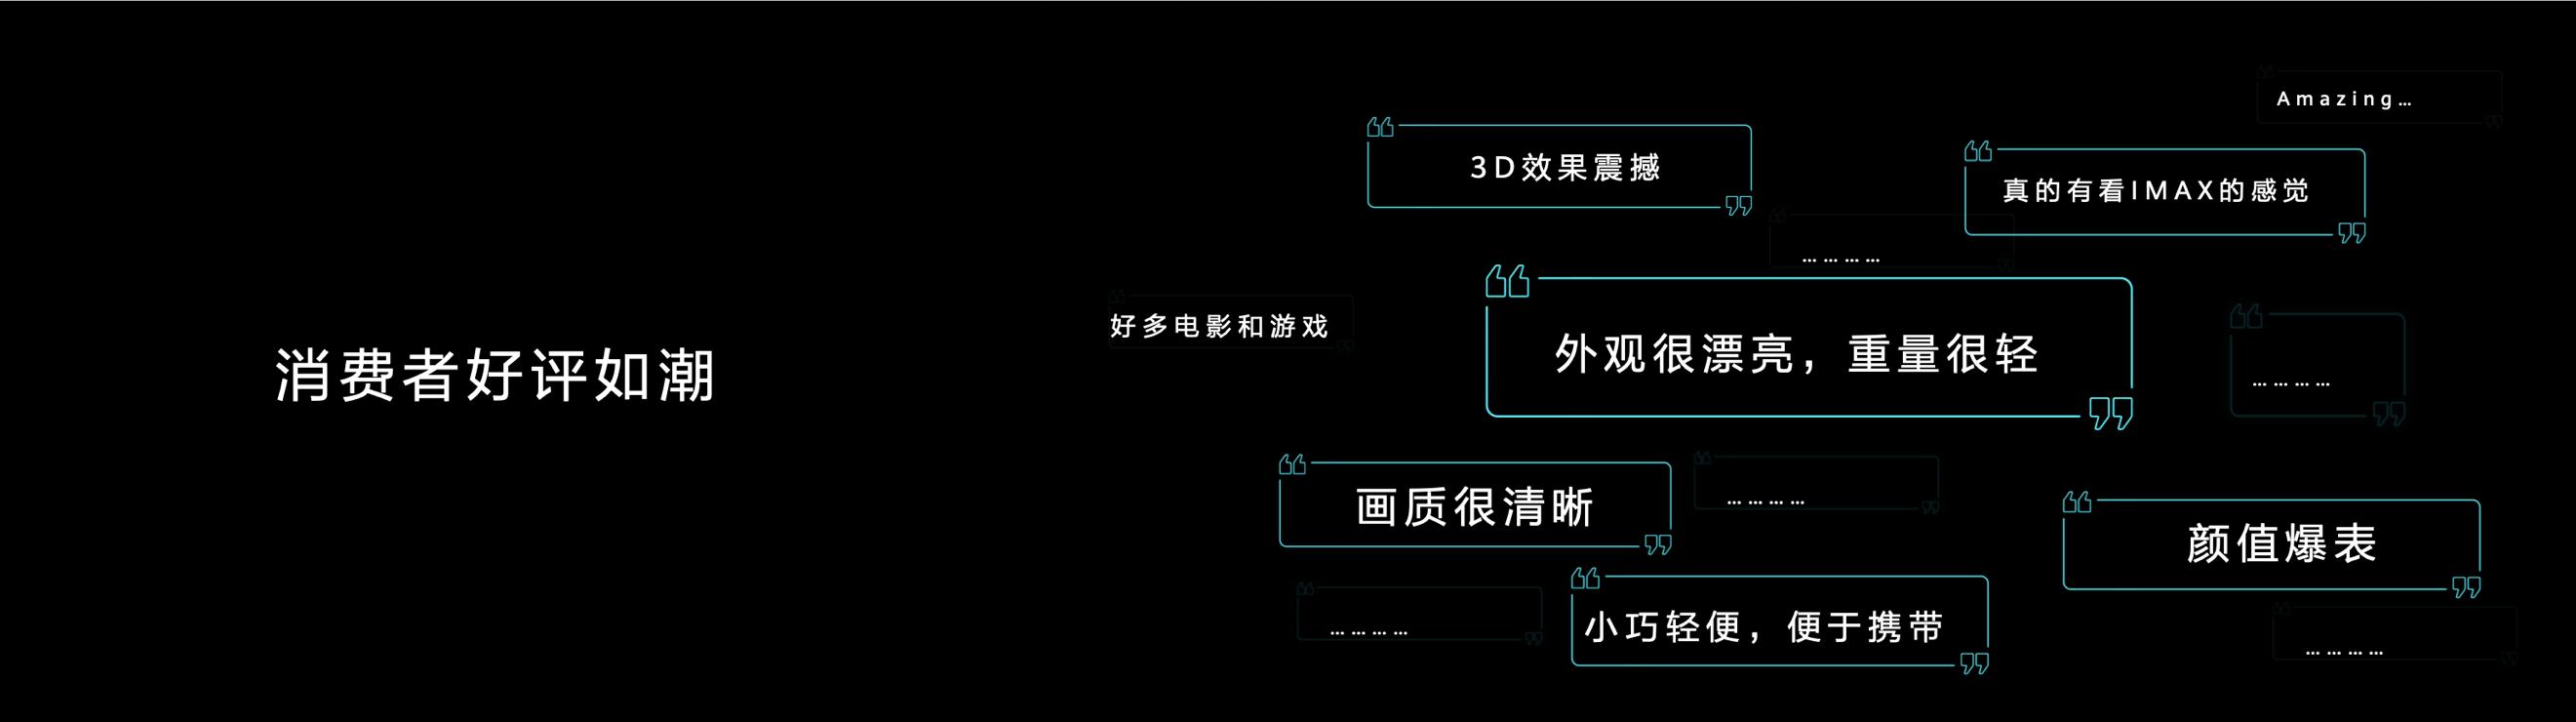 共享VR/AR生态,华为VR Glass 6DOF套件曝光